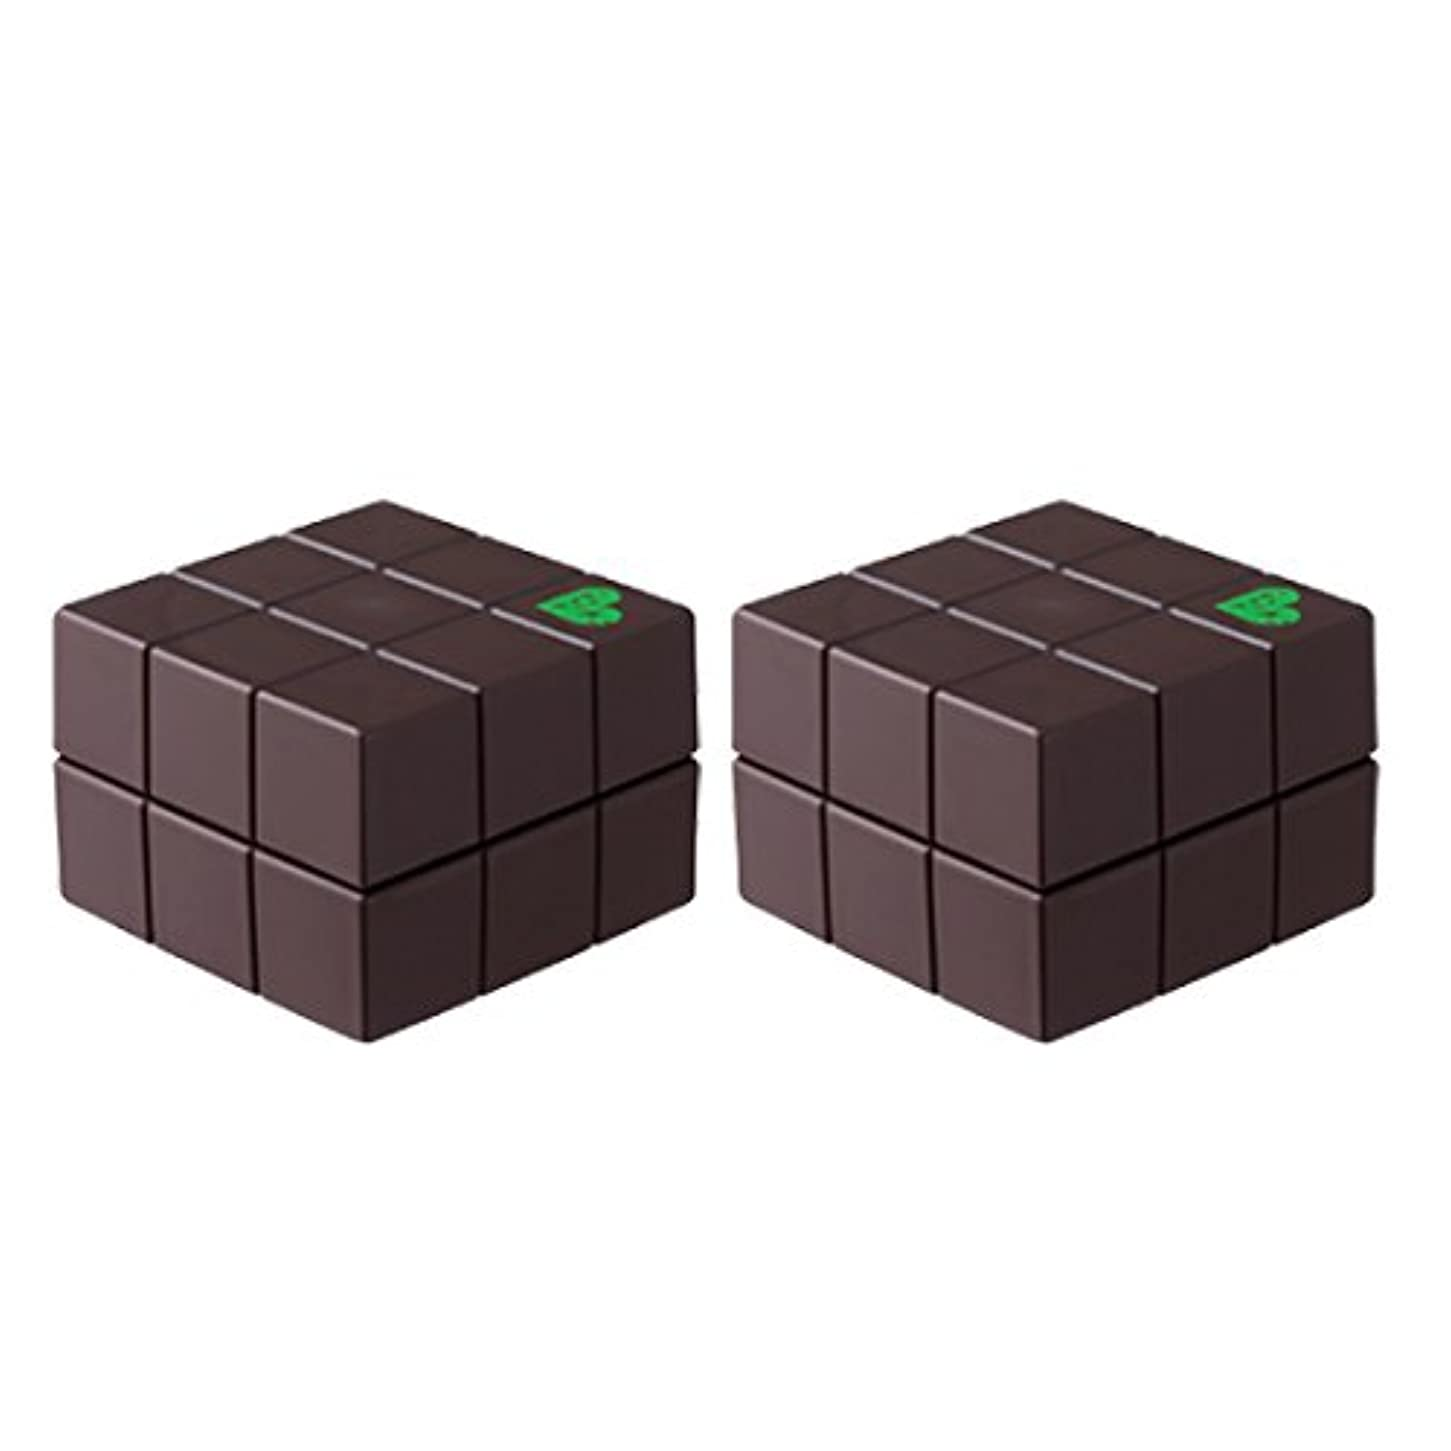 純粋な神秘知る【x2個セット】 アリミノ ピース プロデザインシリーズ ハードワックス チョコ 40g